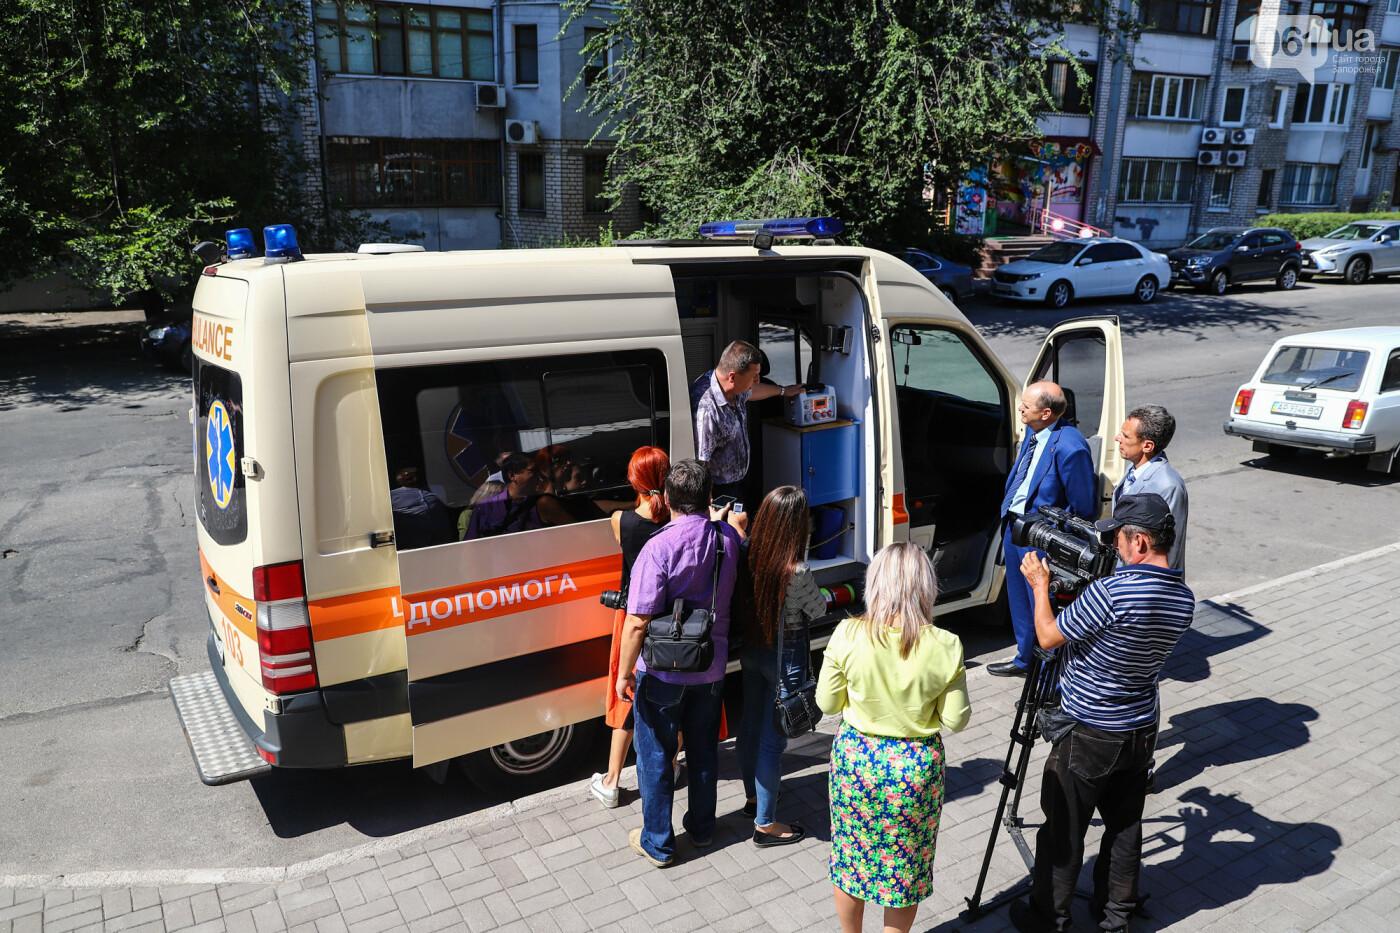 Запорожские медики скорой помощи получили транспортный аппарат ИВЛ стоимостью 200 тысяч гривен, - ФОТО, фото-9